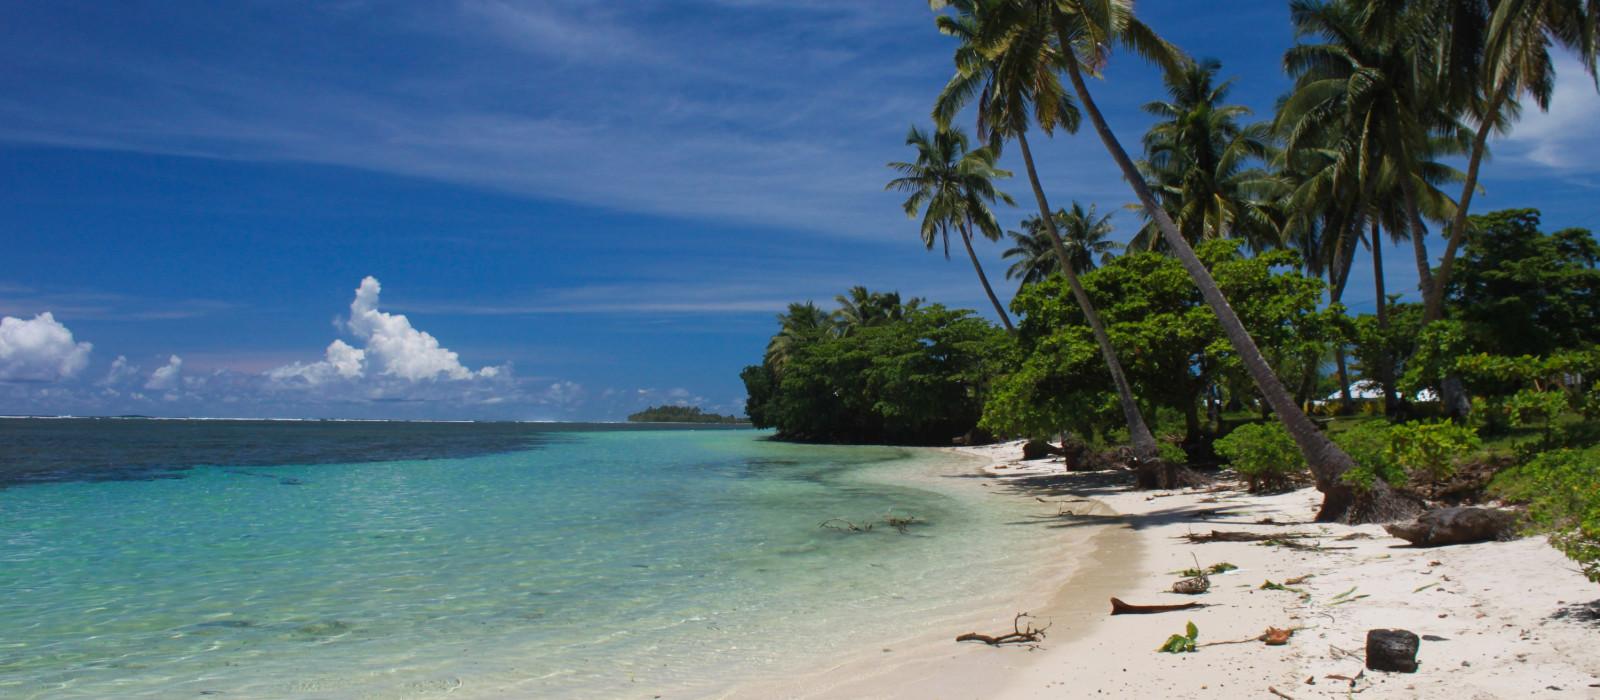 Destination Savaii Island Samoa